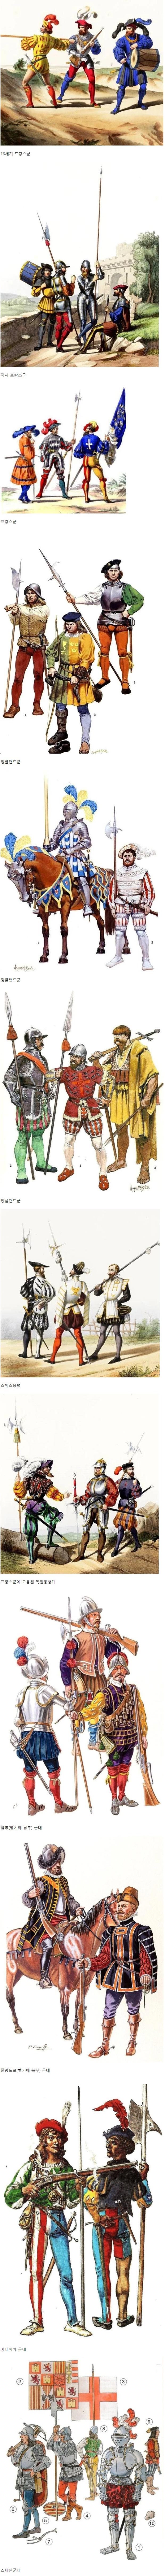 16세기 유럽 군대 패션